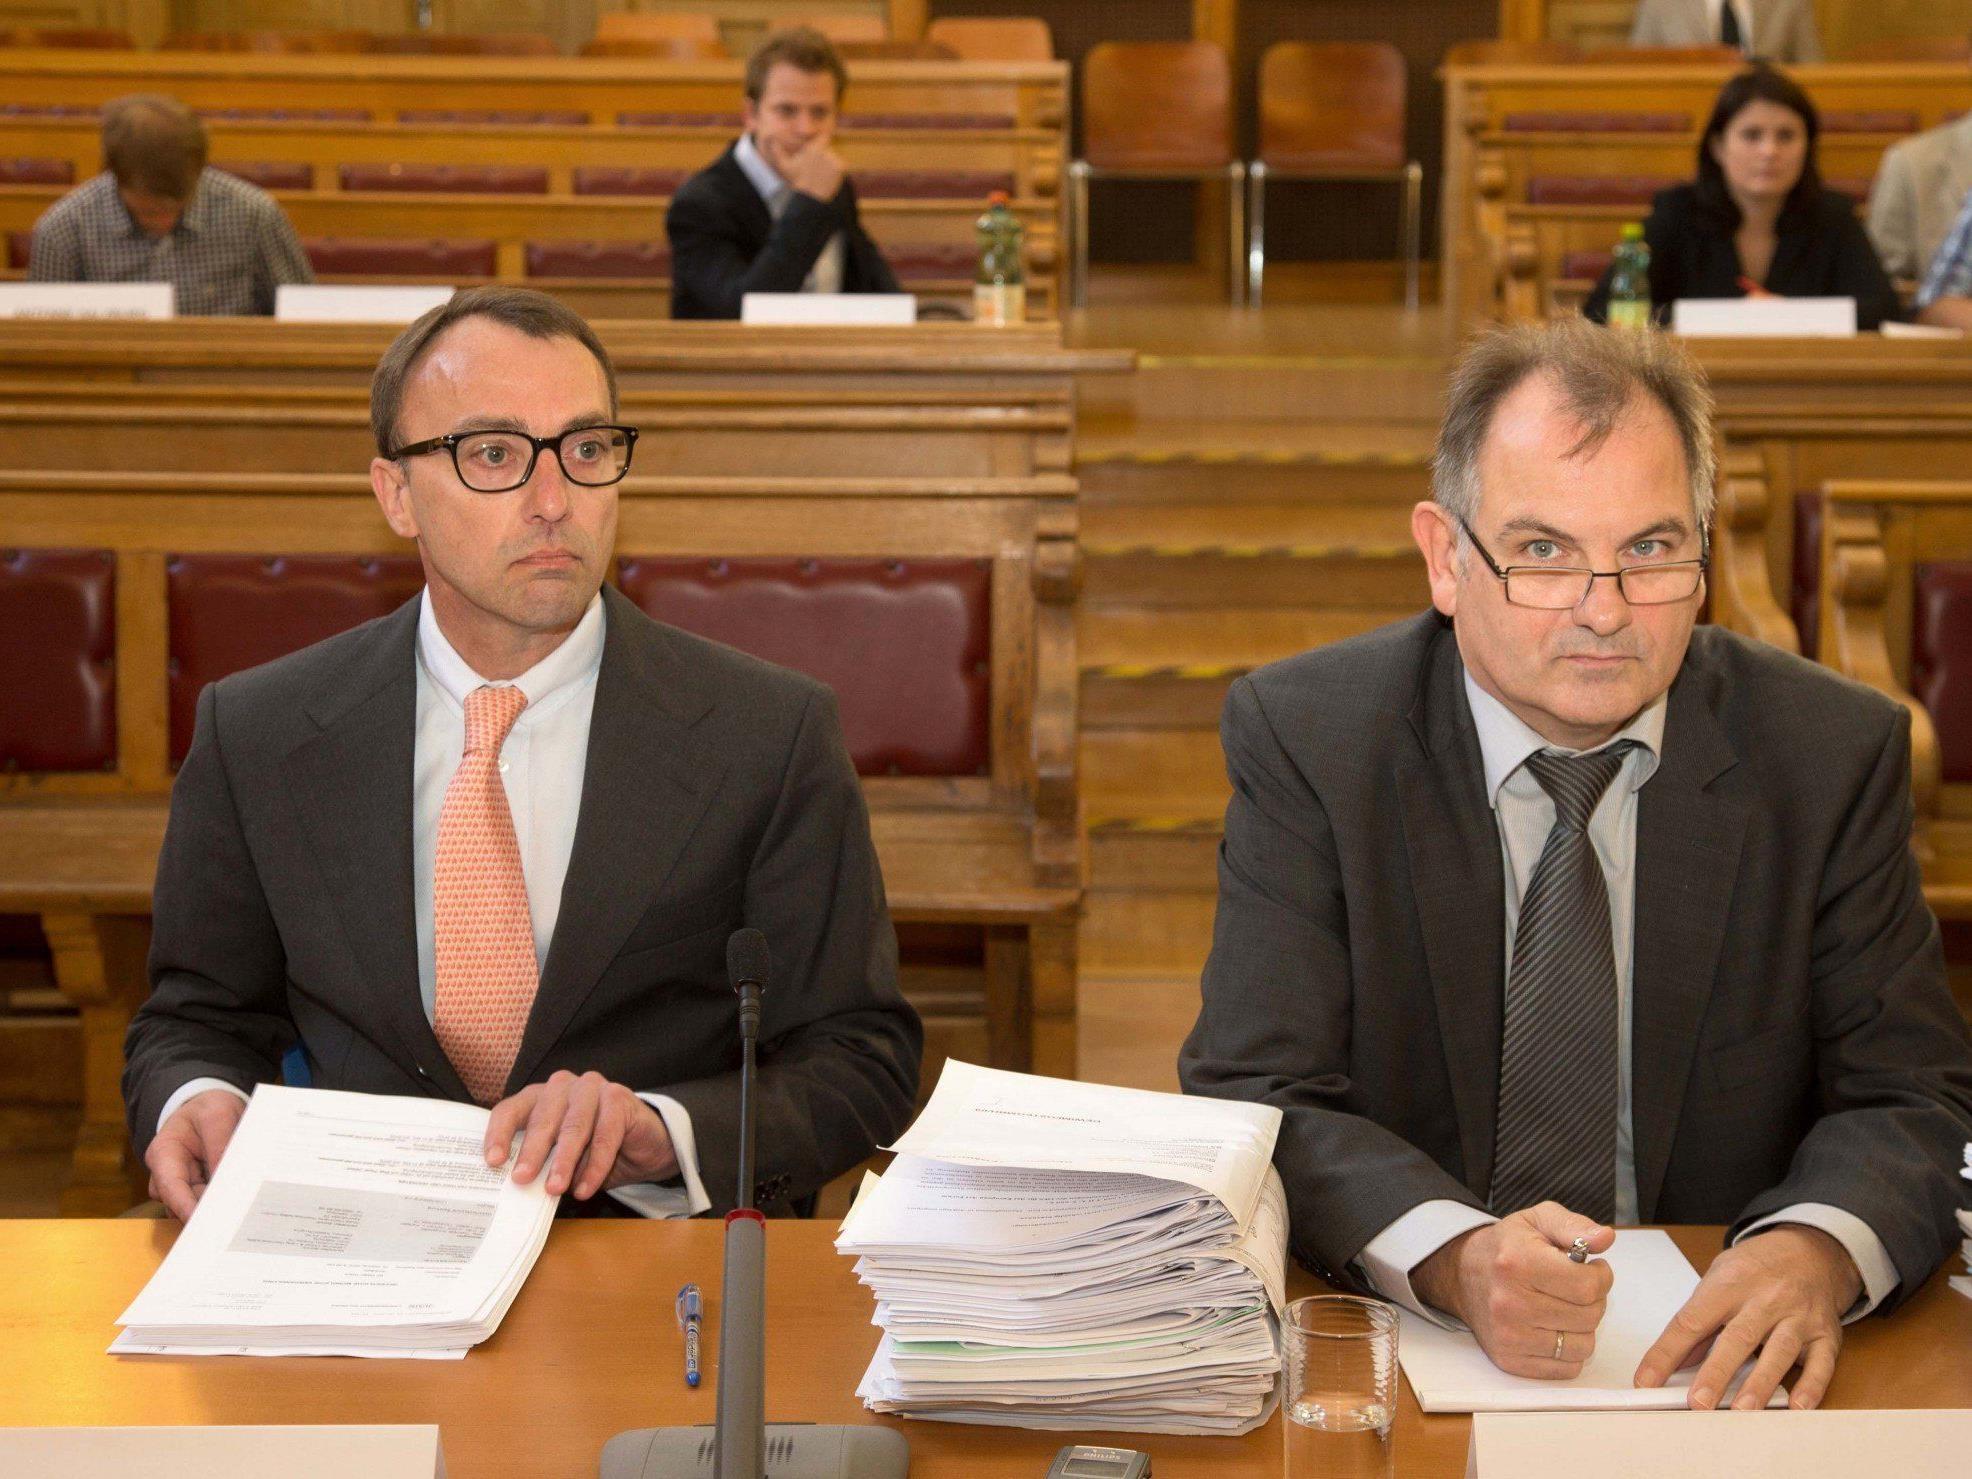 Der ehemalige Geschäftsführer der Osterfestspiele, Michael Dewitte (li) und Anwalt Johann Eder